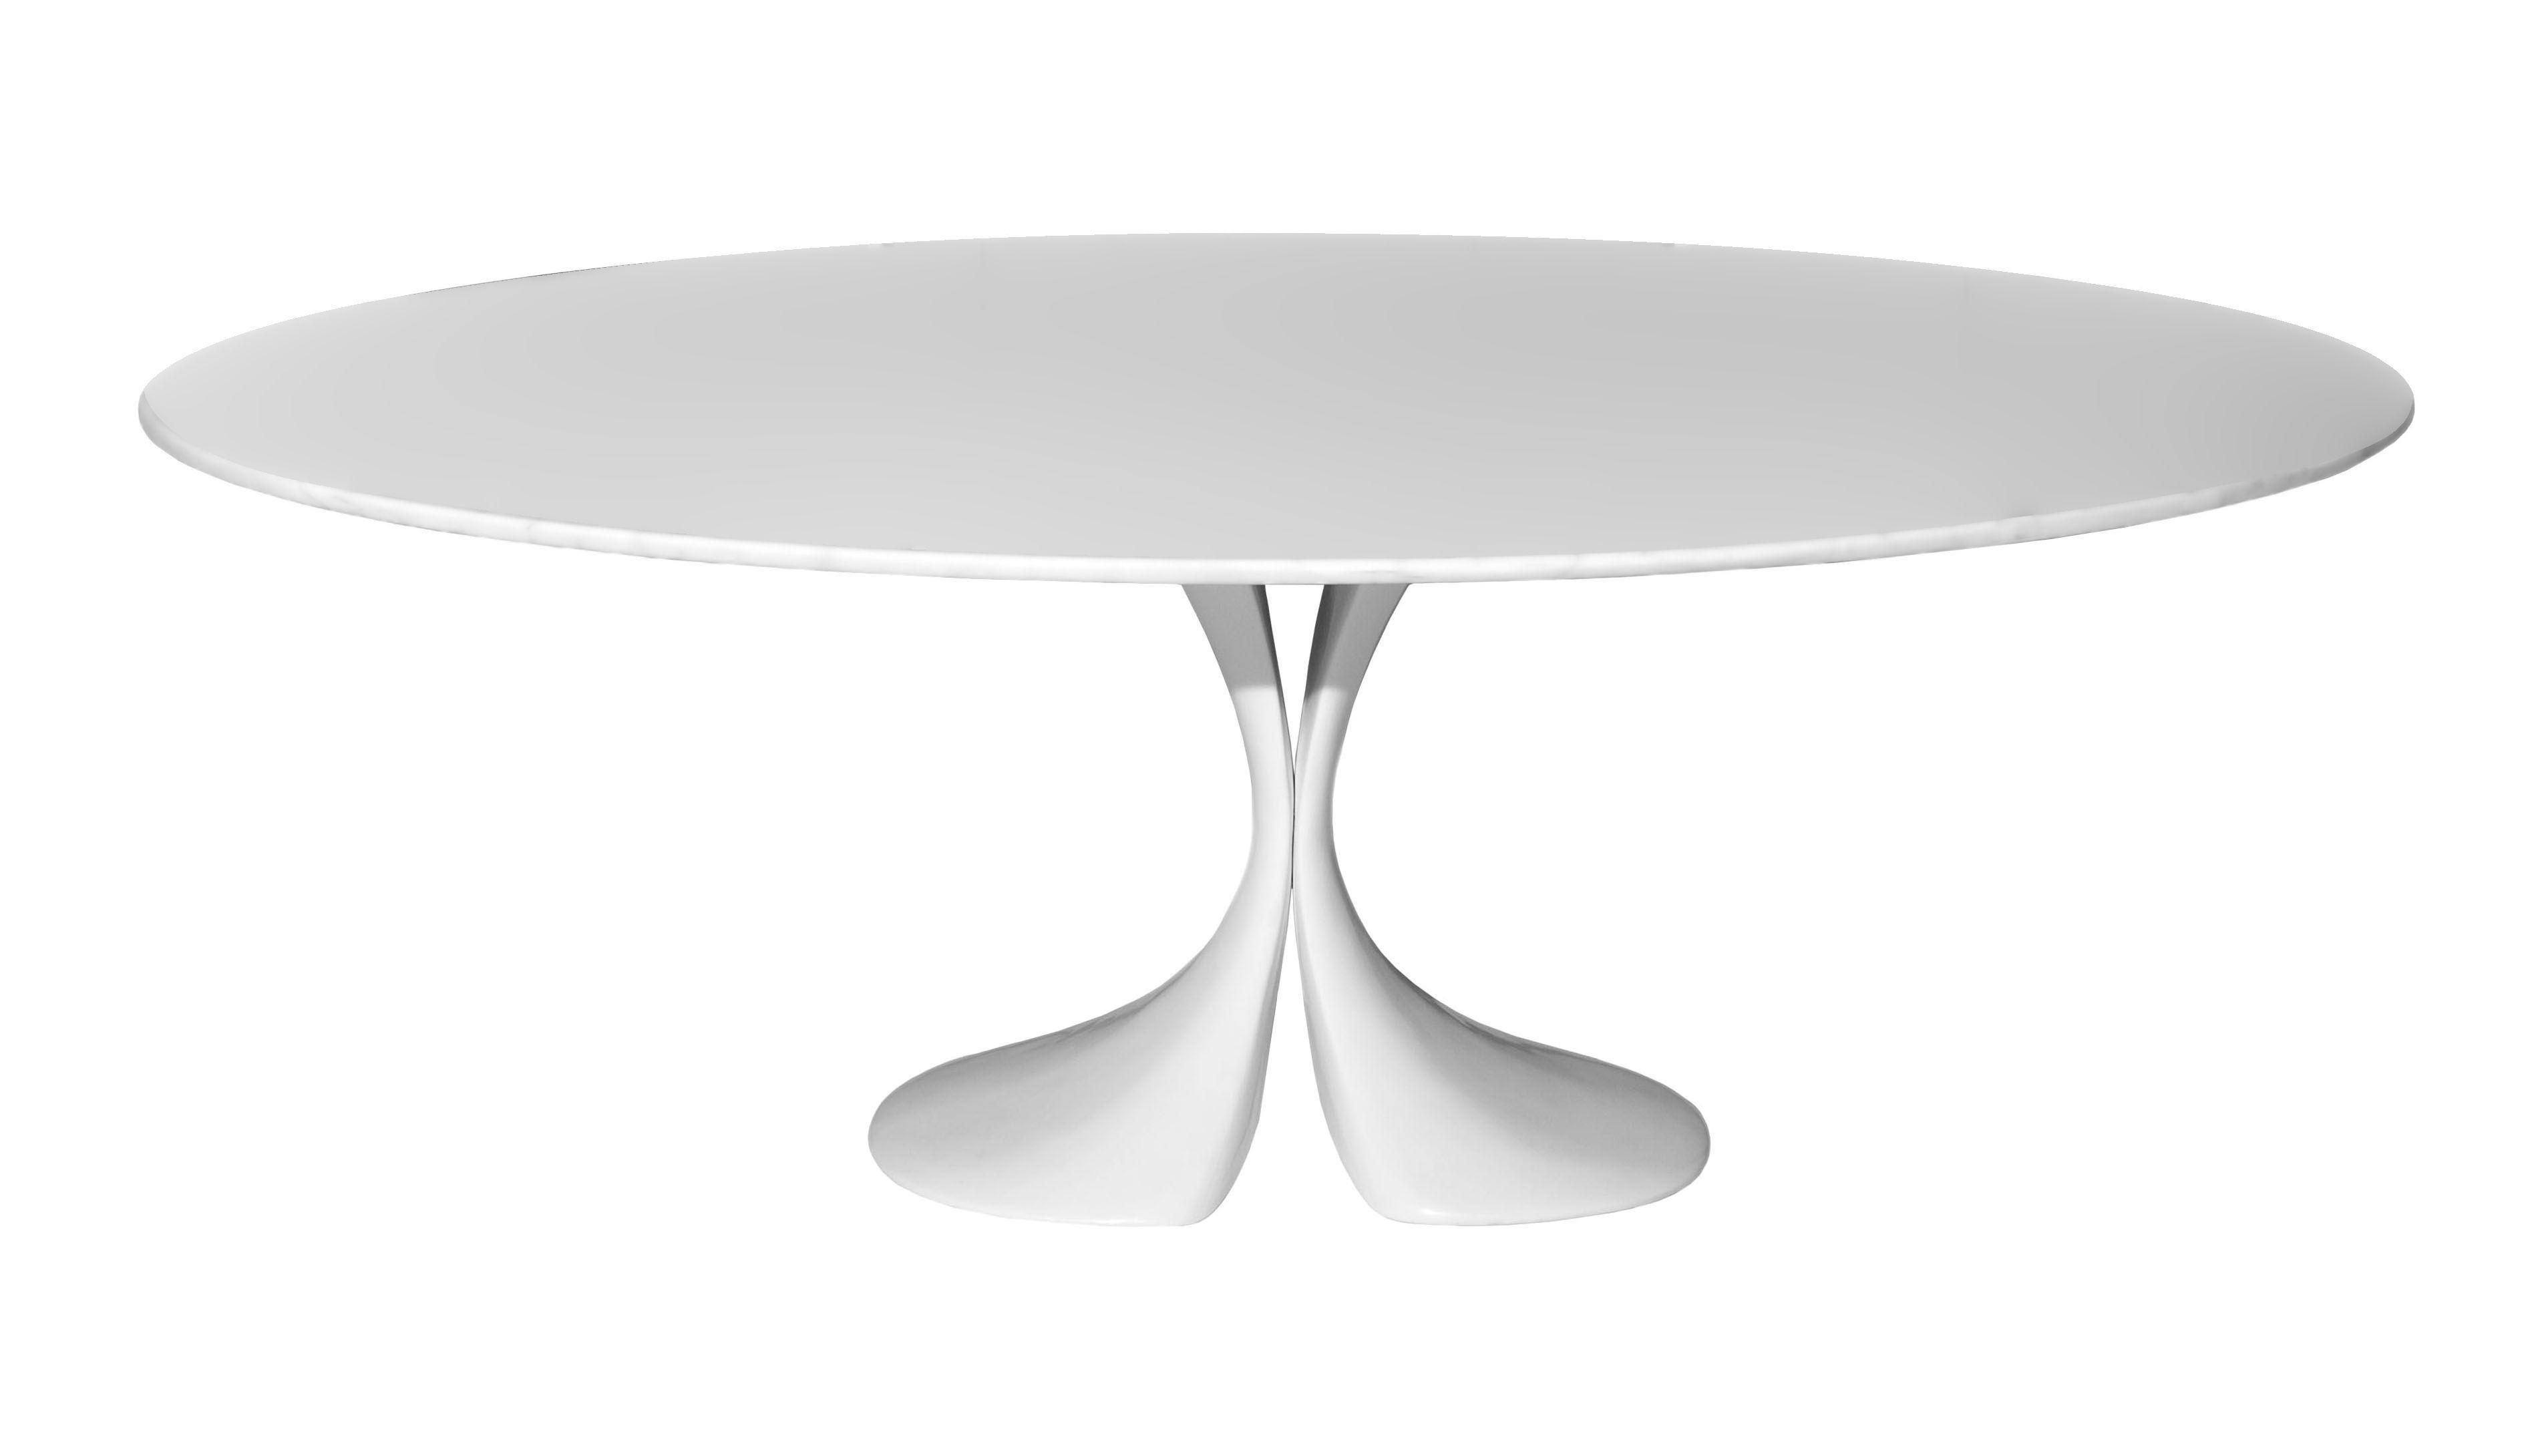 Arredamento - Tavoli - Table ovale Didymos - 180 x 126 cm - Piano in Cristalplant di Driade - Piano in Cristalplant bianco - Cristalplant